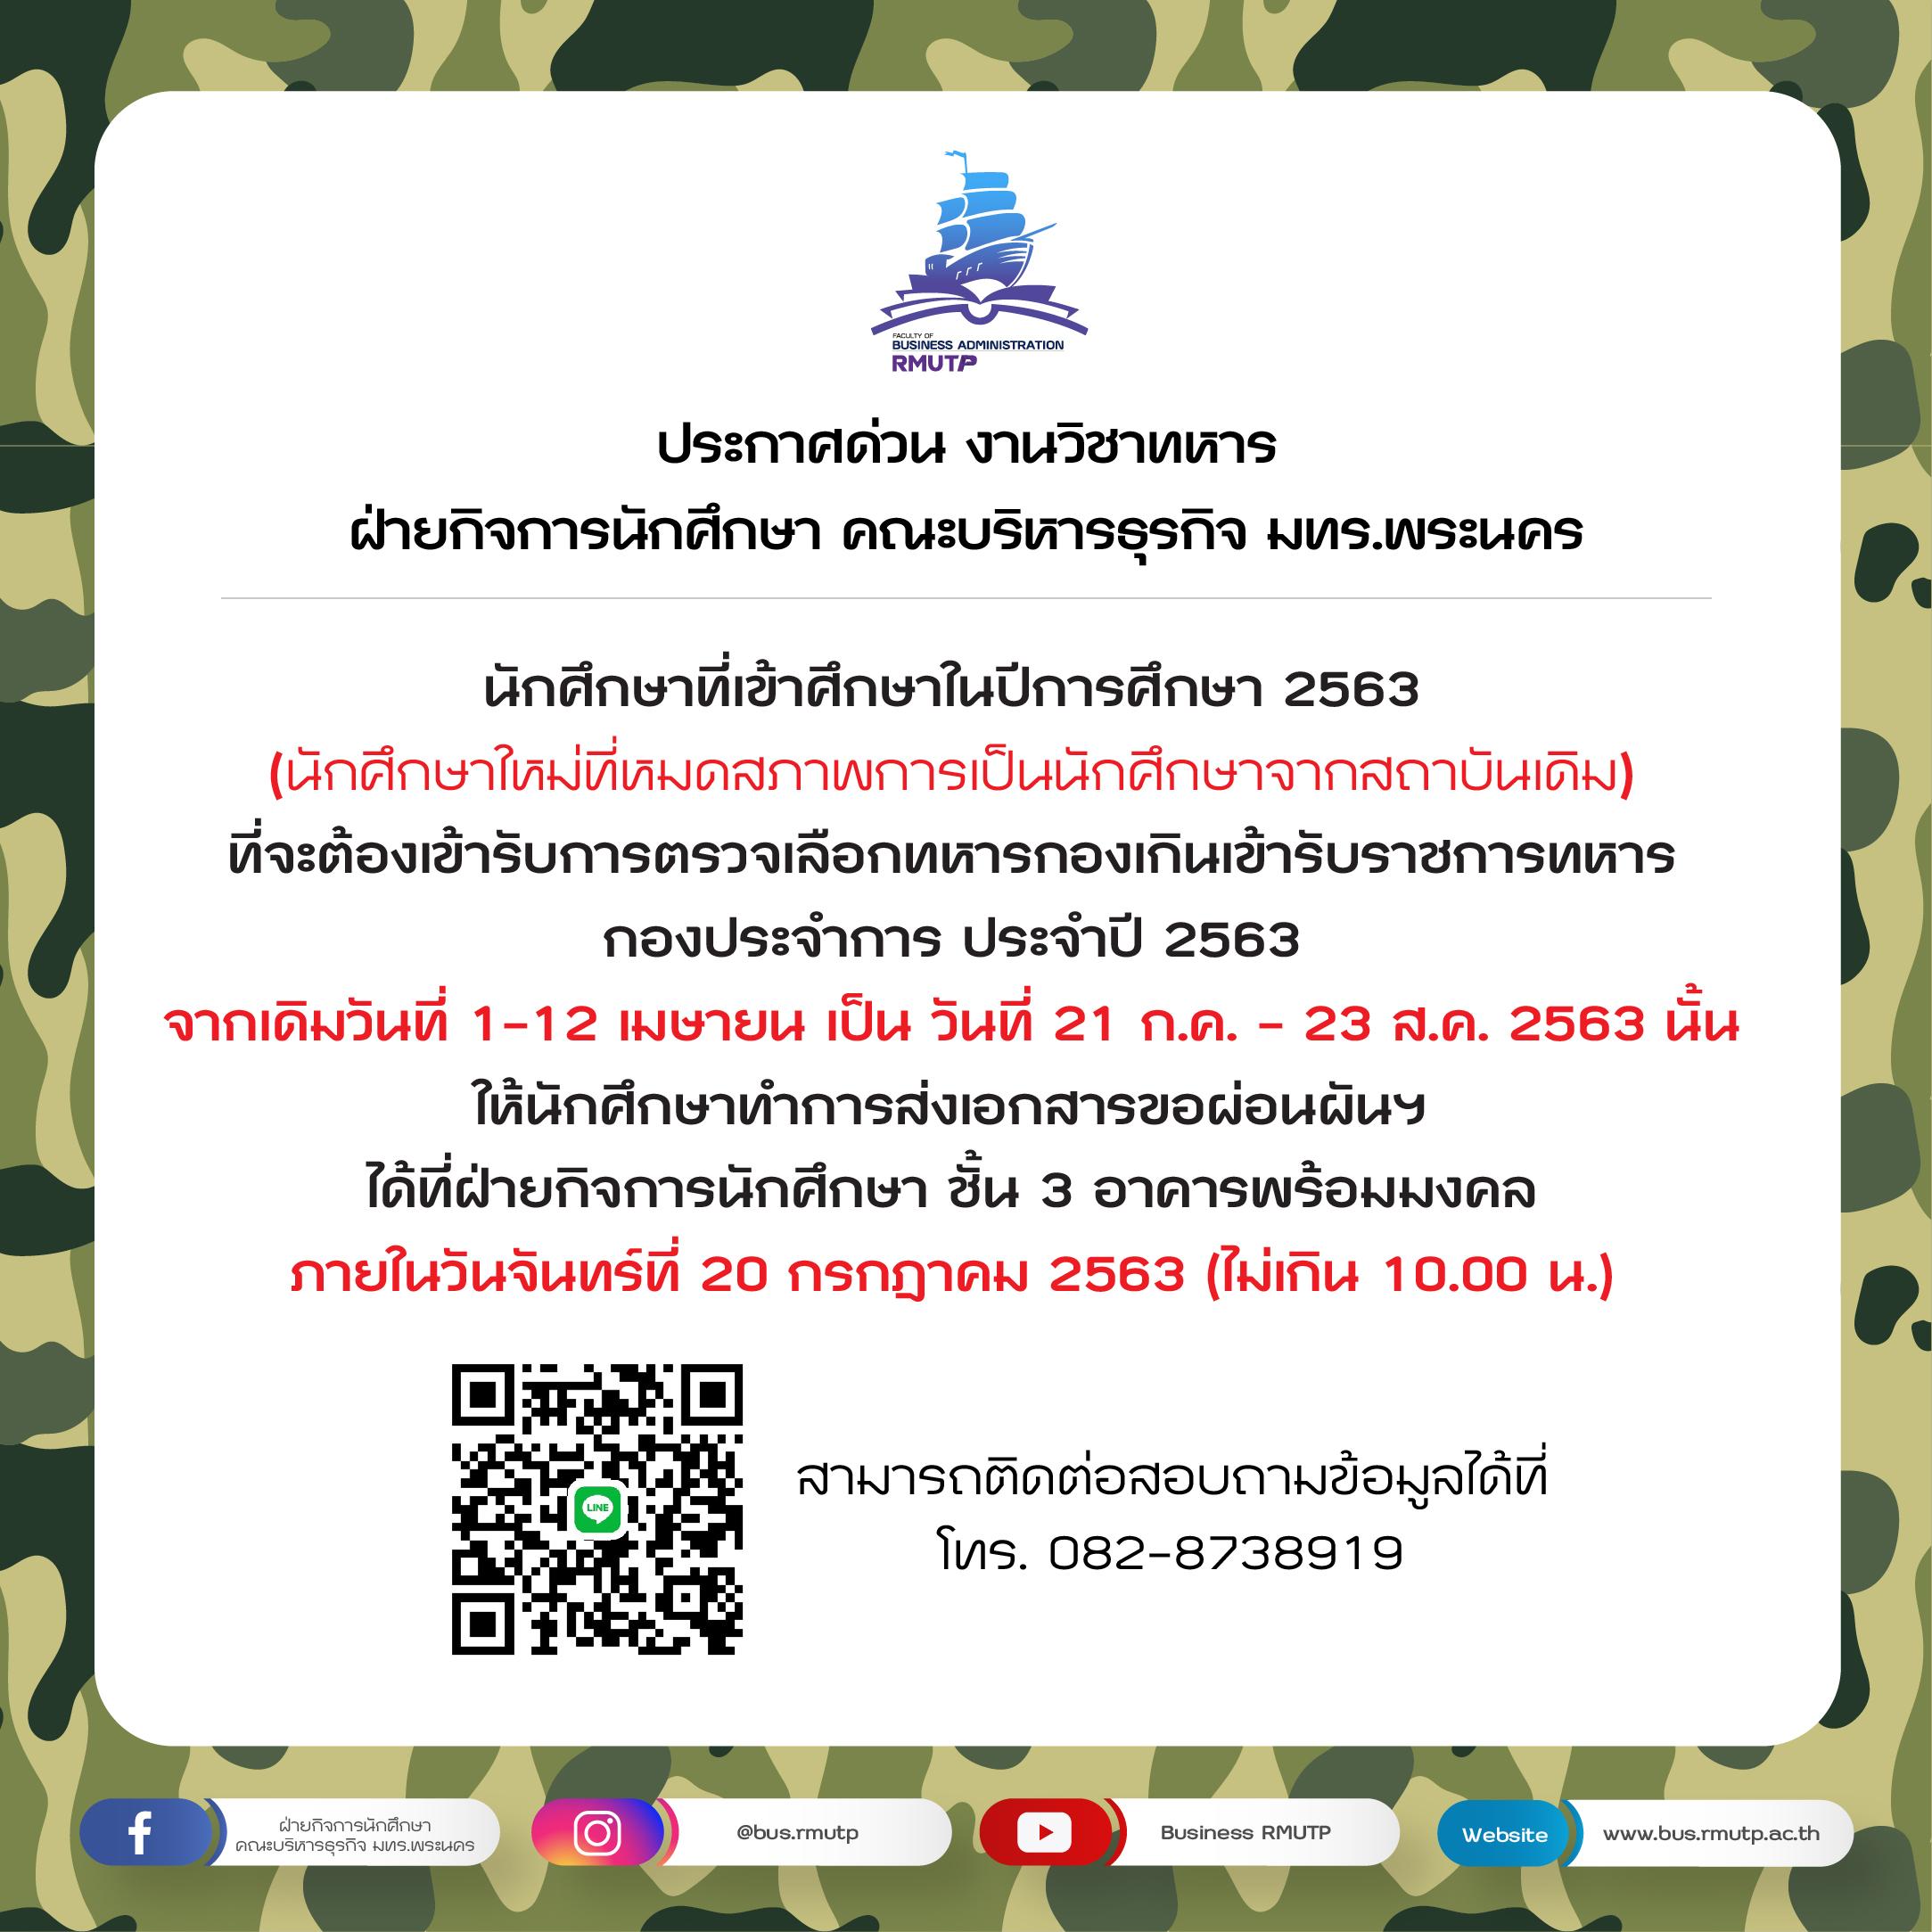 วิชาทหาร ประกาศด่วน 02-01